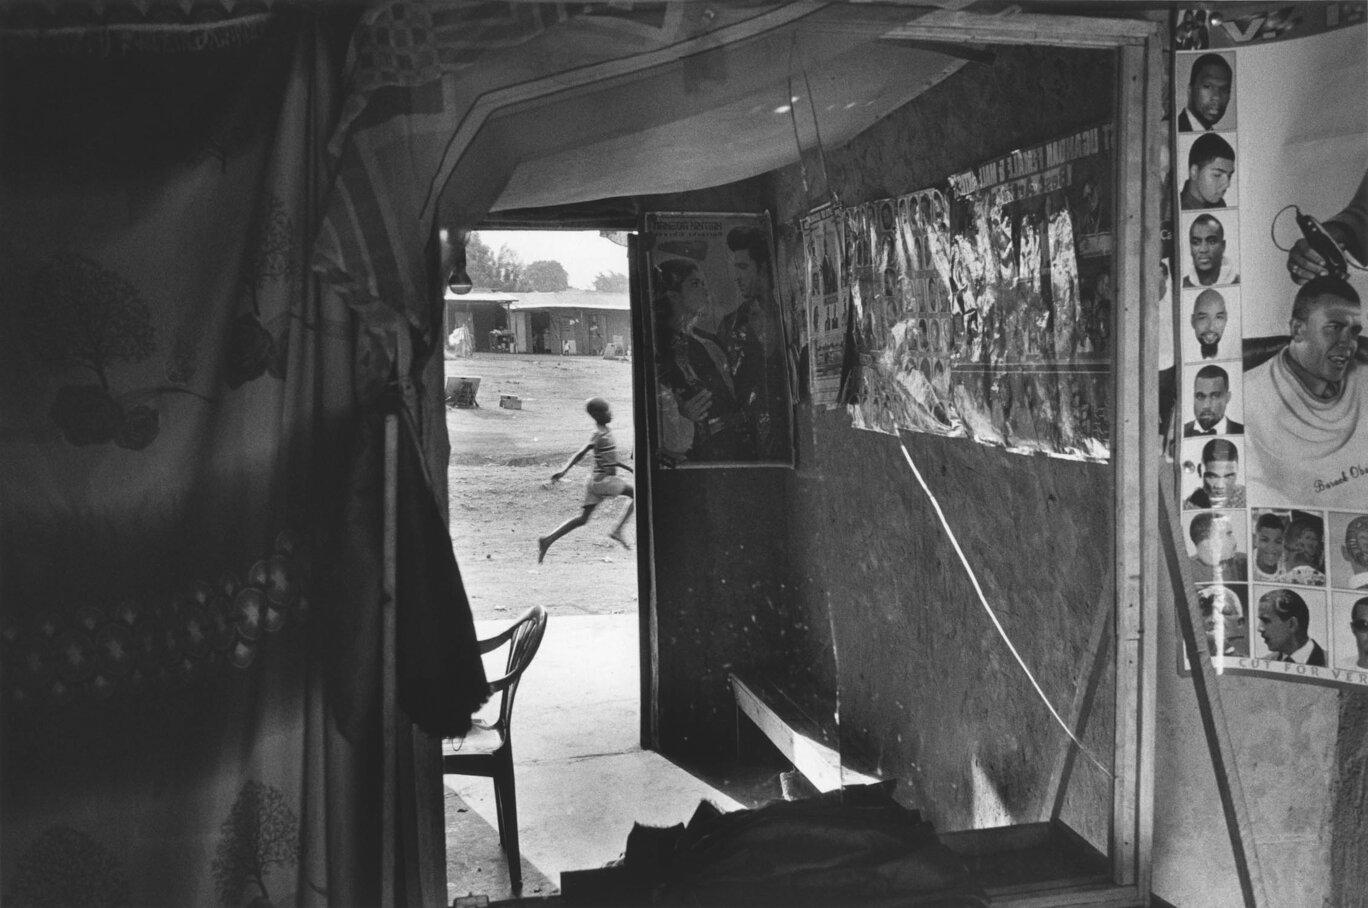 """""""Barbershop, Kiryandongo Refugee Settlement, Uganda"""" by Frederic de Woelmont"""